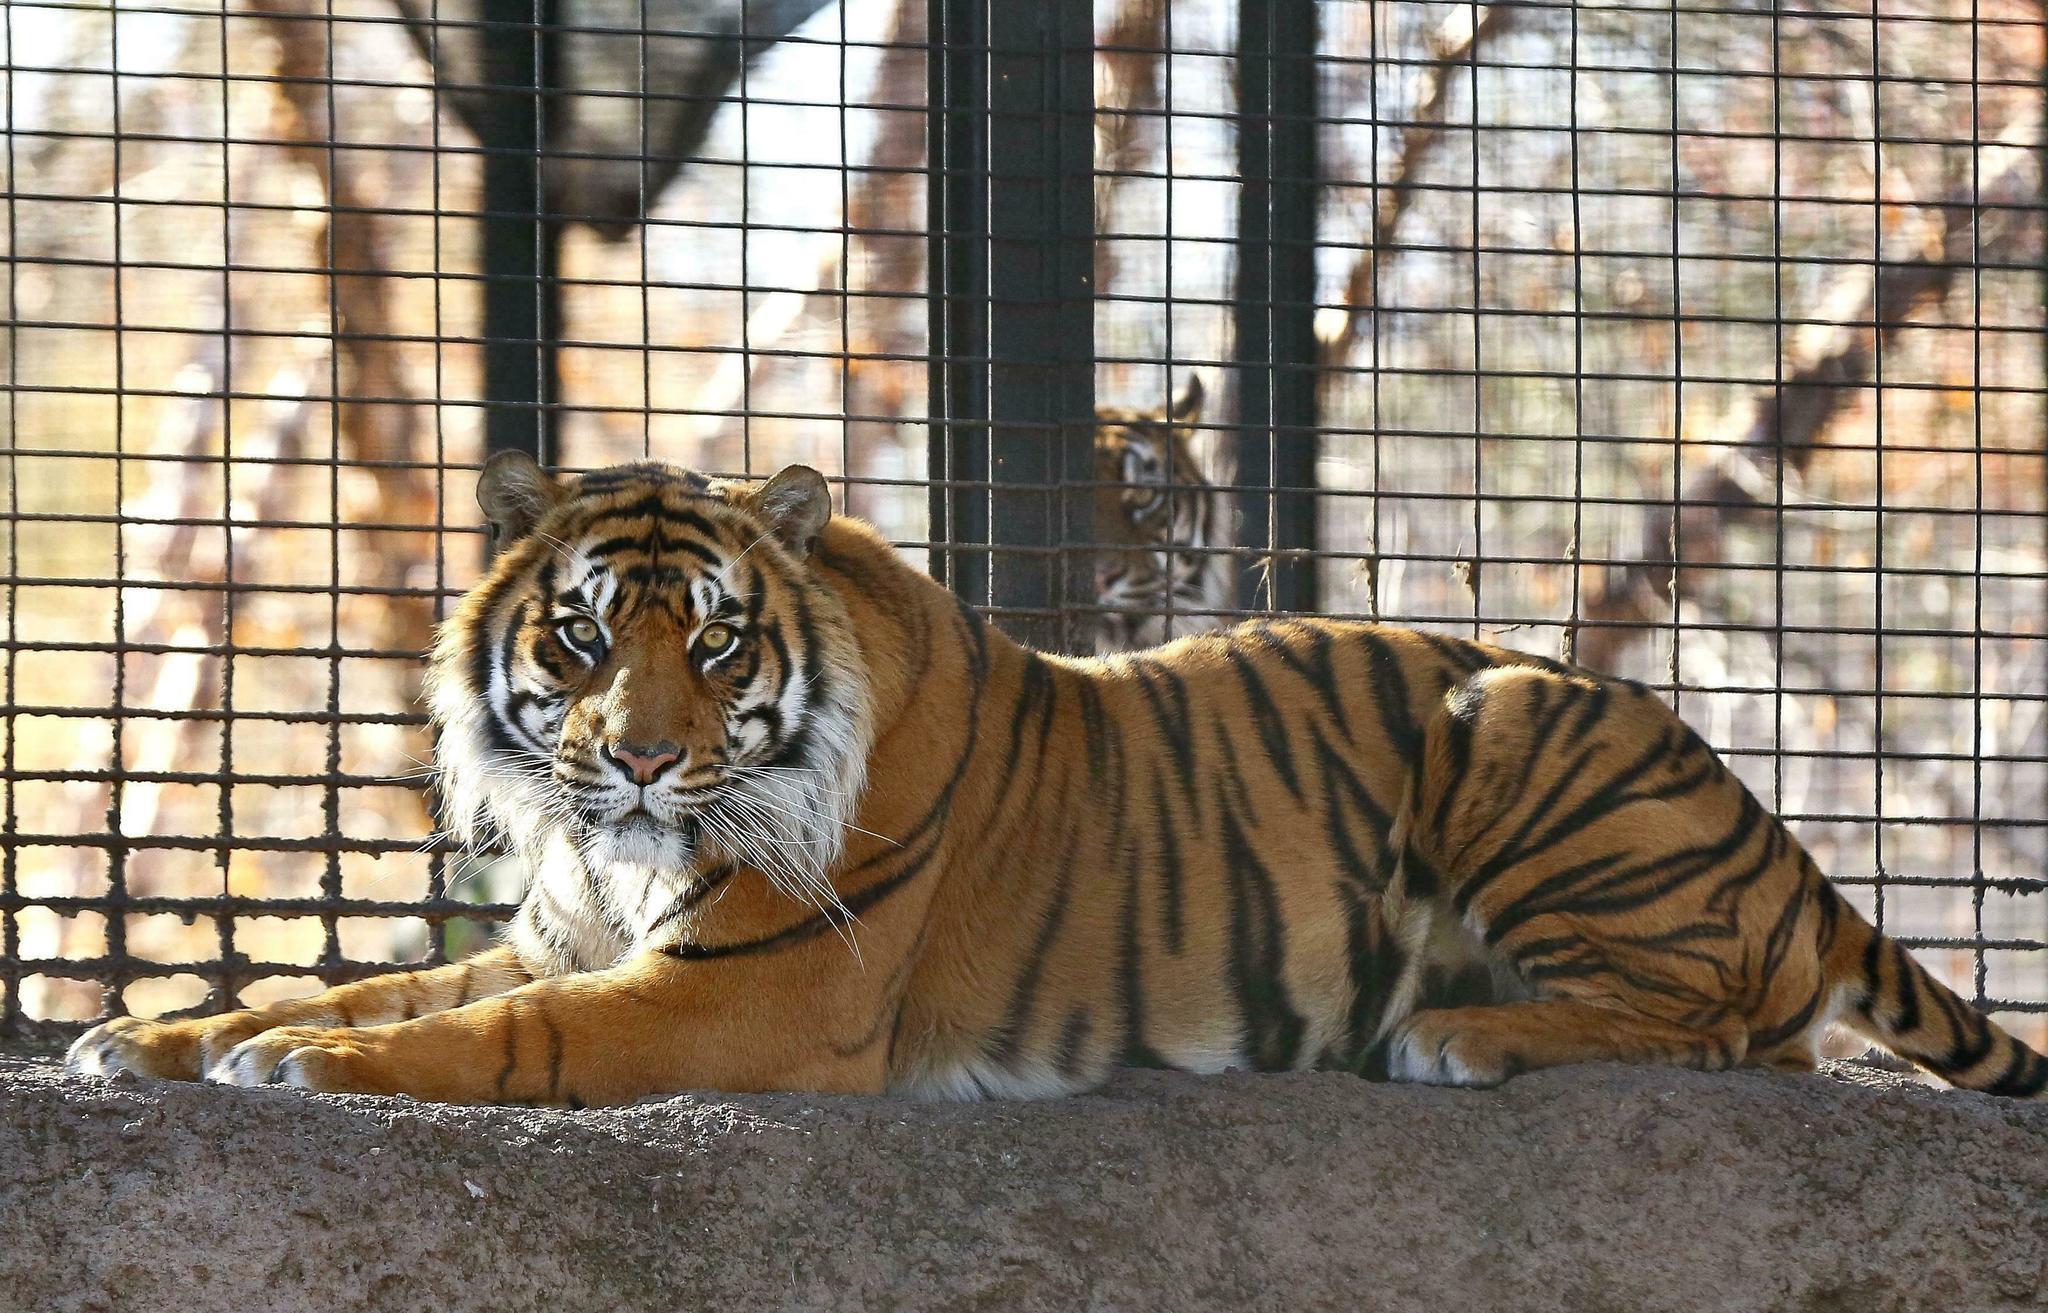 Tiger mauls zookeeper at Topeka Zoo